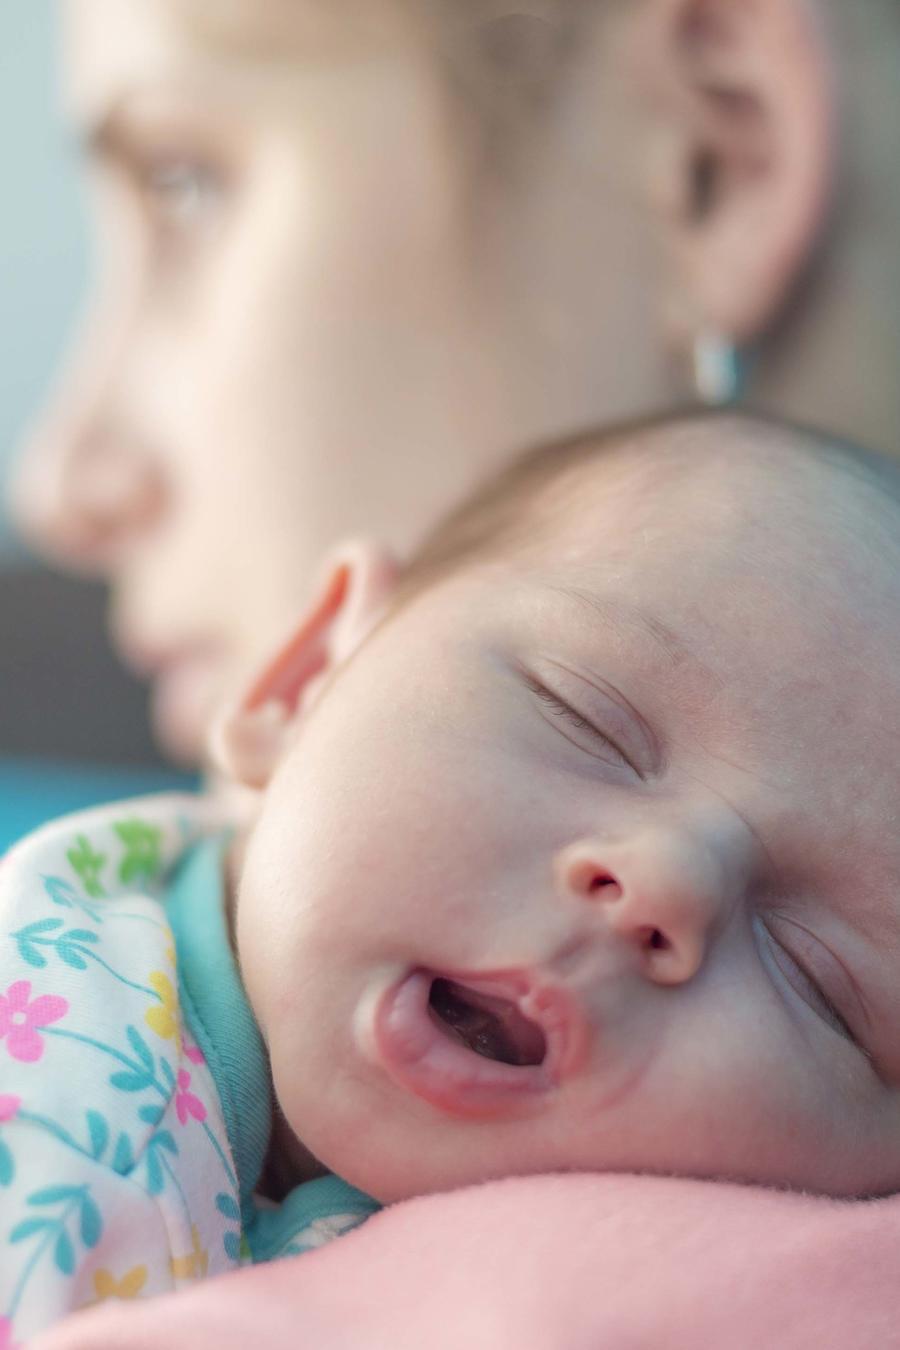 Madre con depresión post parto